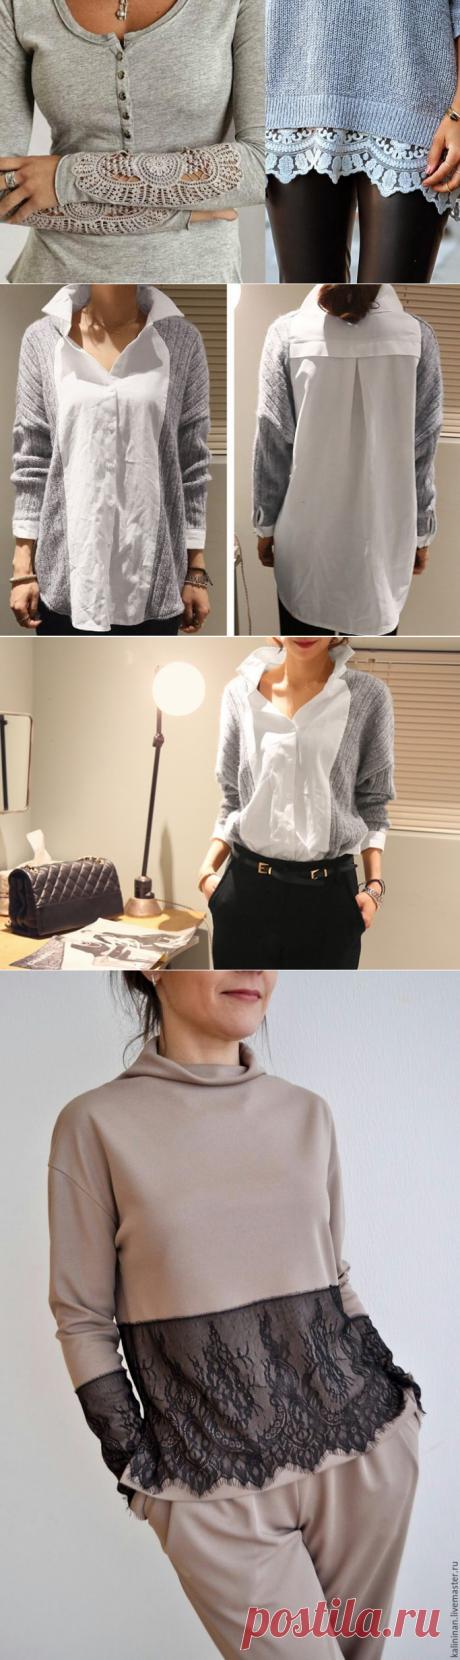 Как переделать старый свитер в стильную и модную вещь. Сам себе модельер!